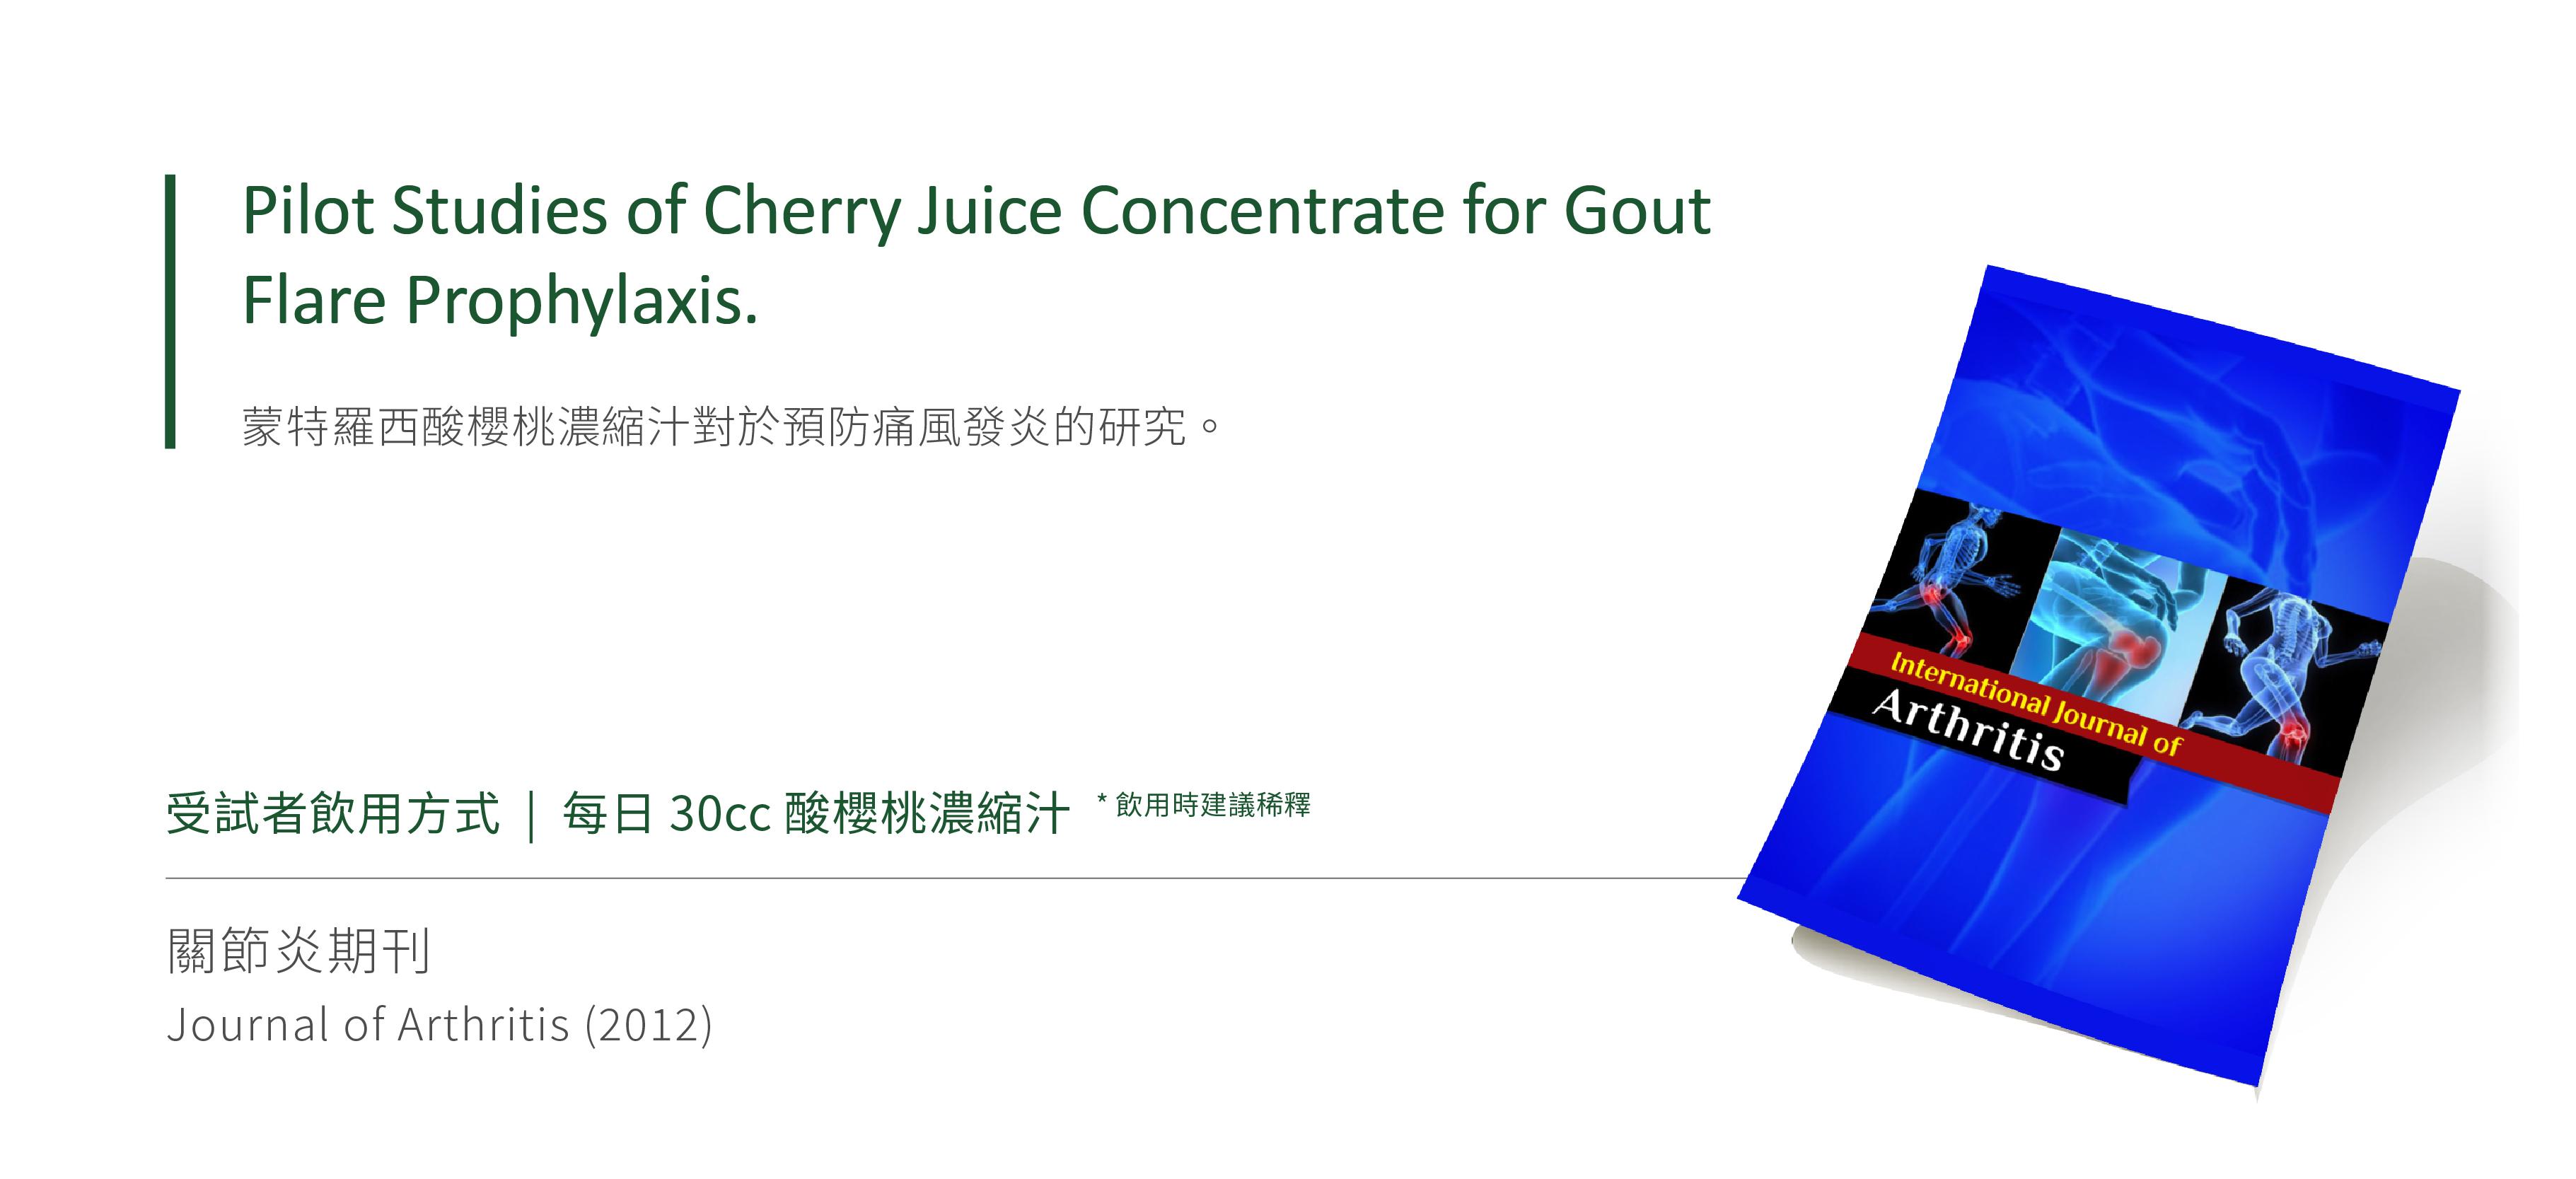 酸櫻桃研究,酸櫻桃汁研究實證,酸櫻桃汁研究報導, 酸櫻桃汁幫助靈活活動, 關節炎喝酸櫻桃汁